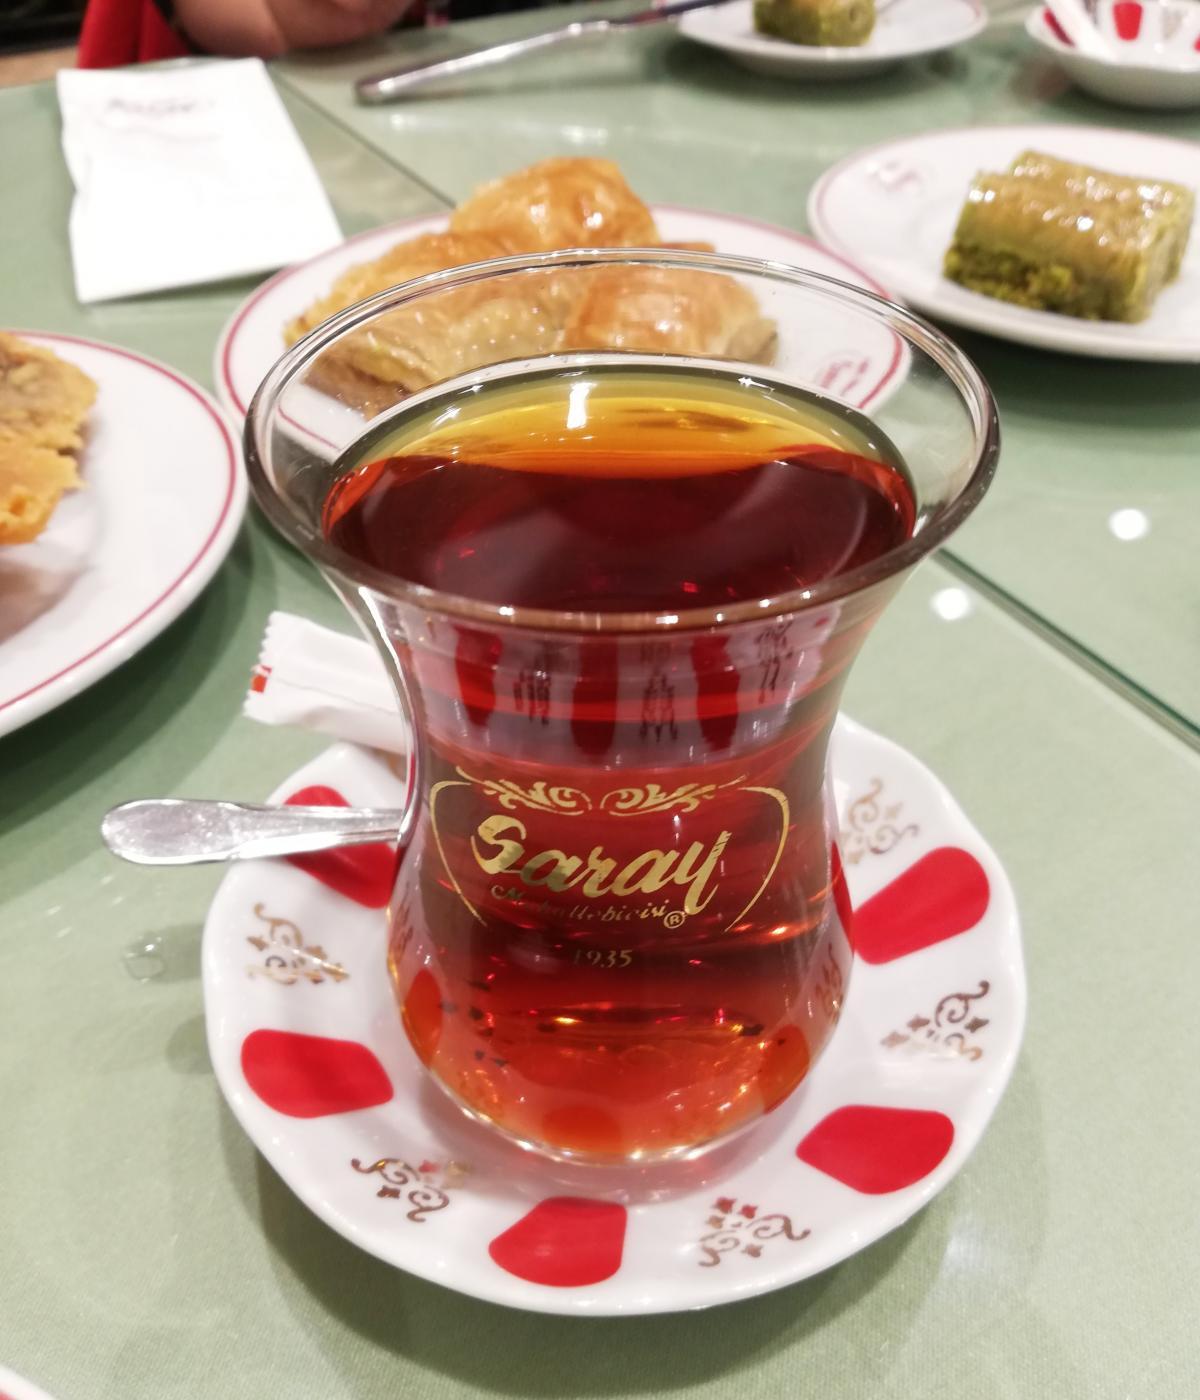 Турецкий чай - это отдельная любовь / фото Марина Григоренко